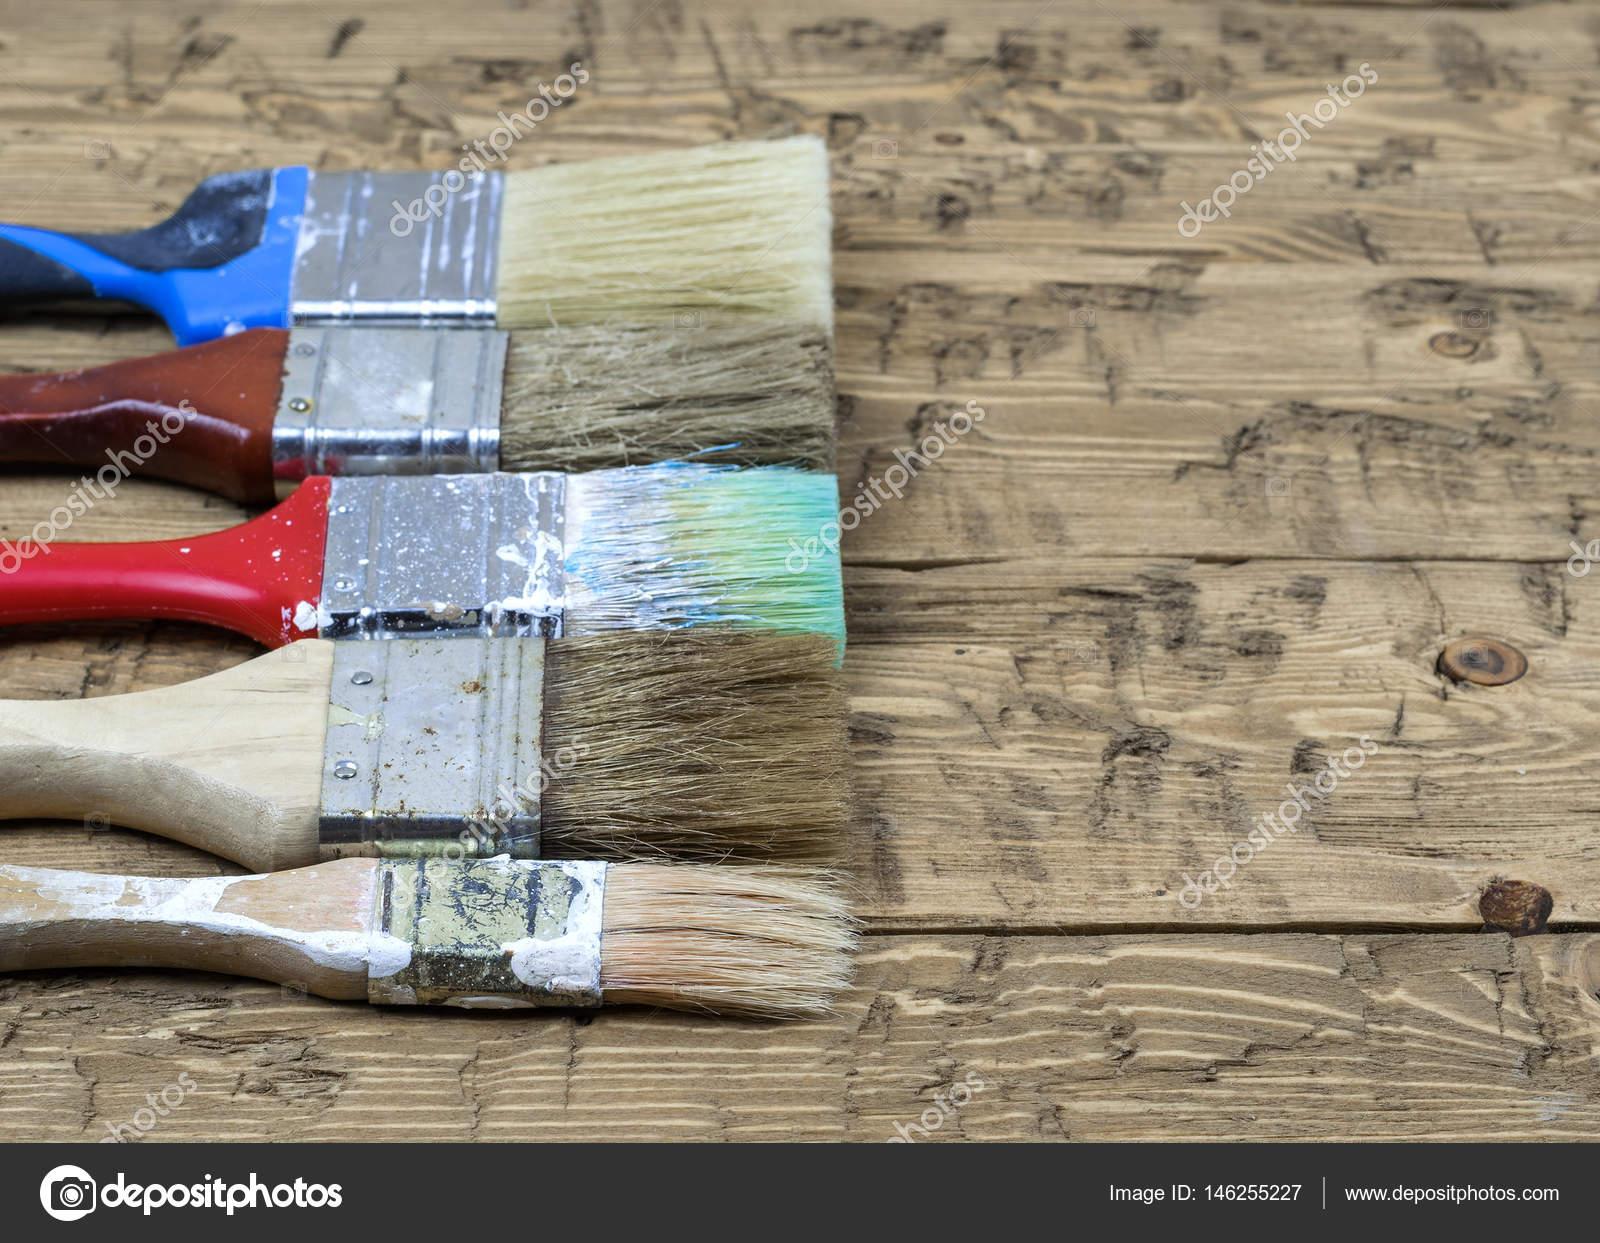 Vijf veelkleurige borstels op een rustieke houten tafel u2014 stockfoto